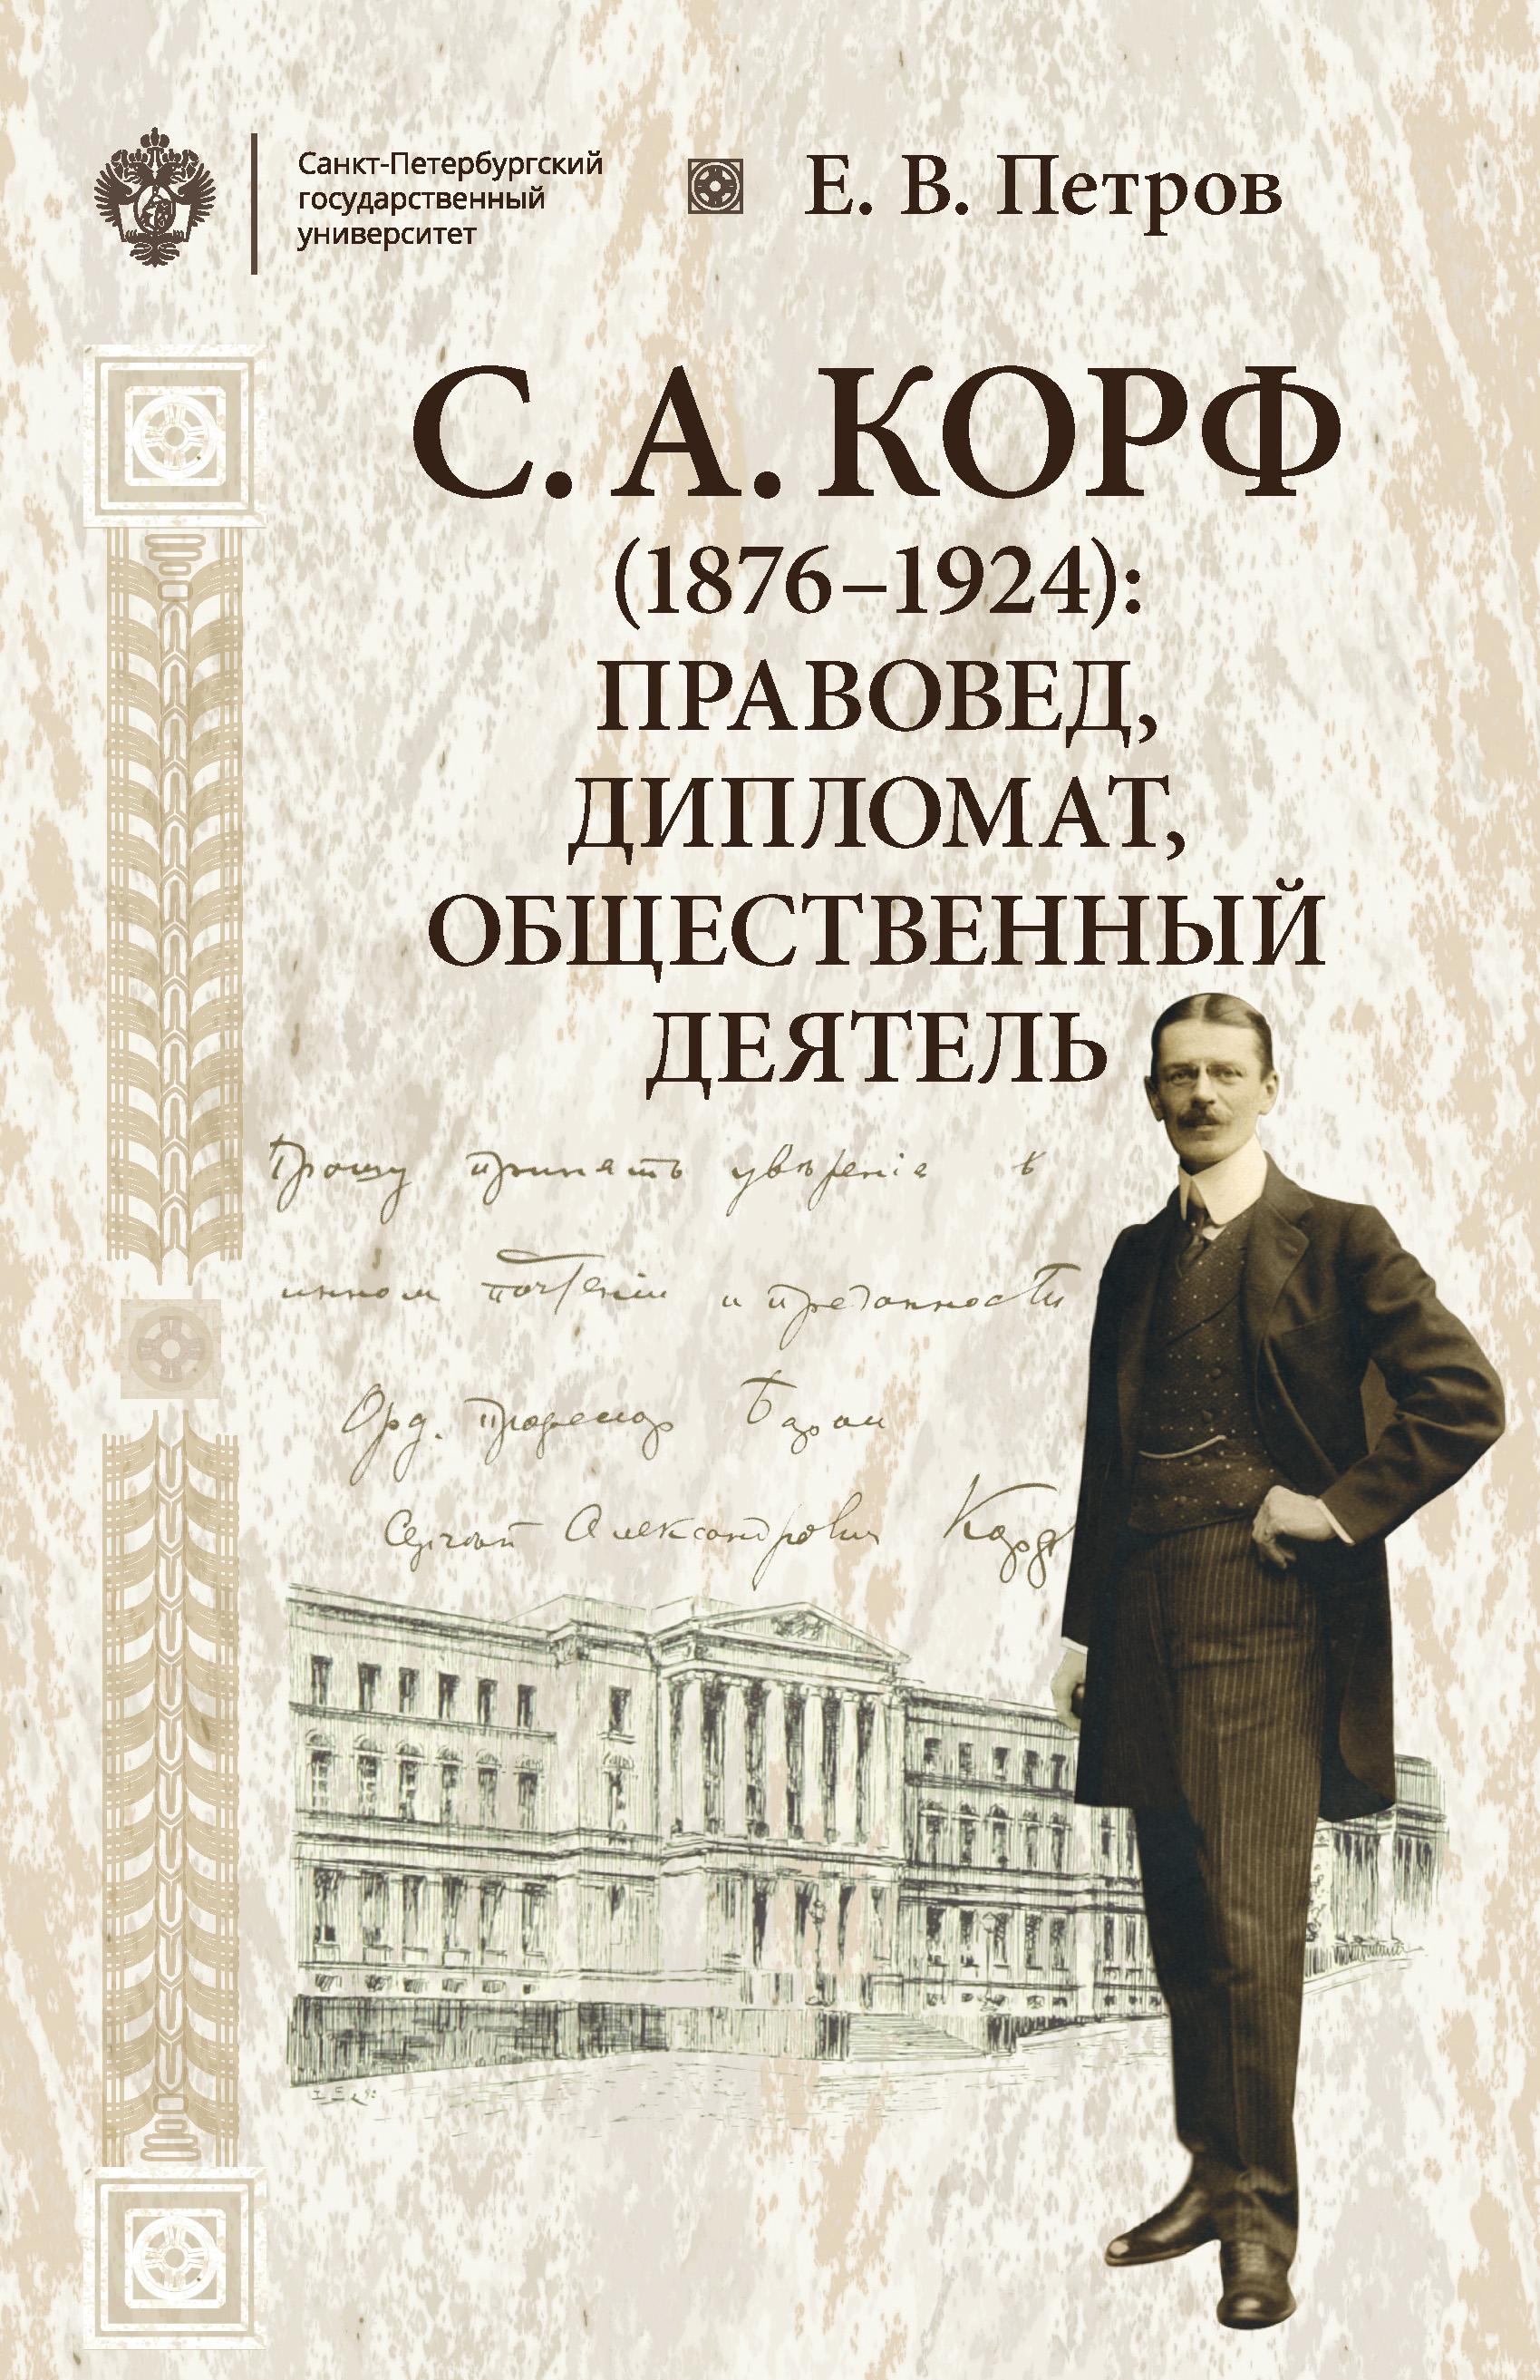 С. А. Корф (1876–1924): правовед, дипломат, общественный деятель